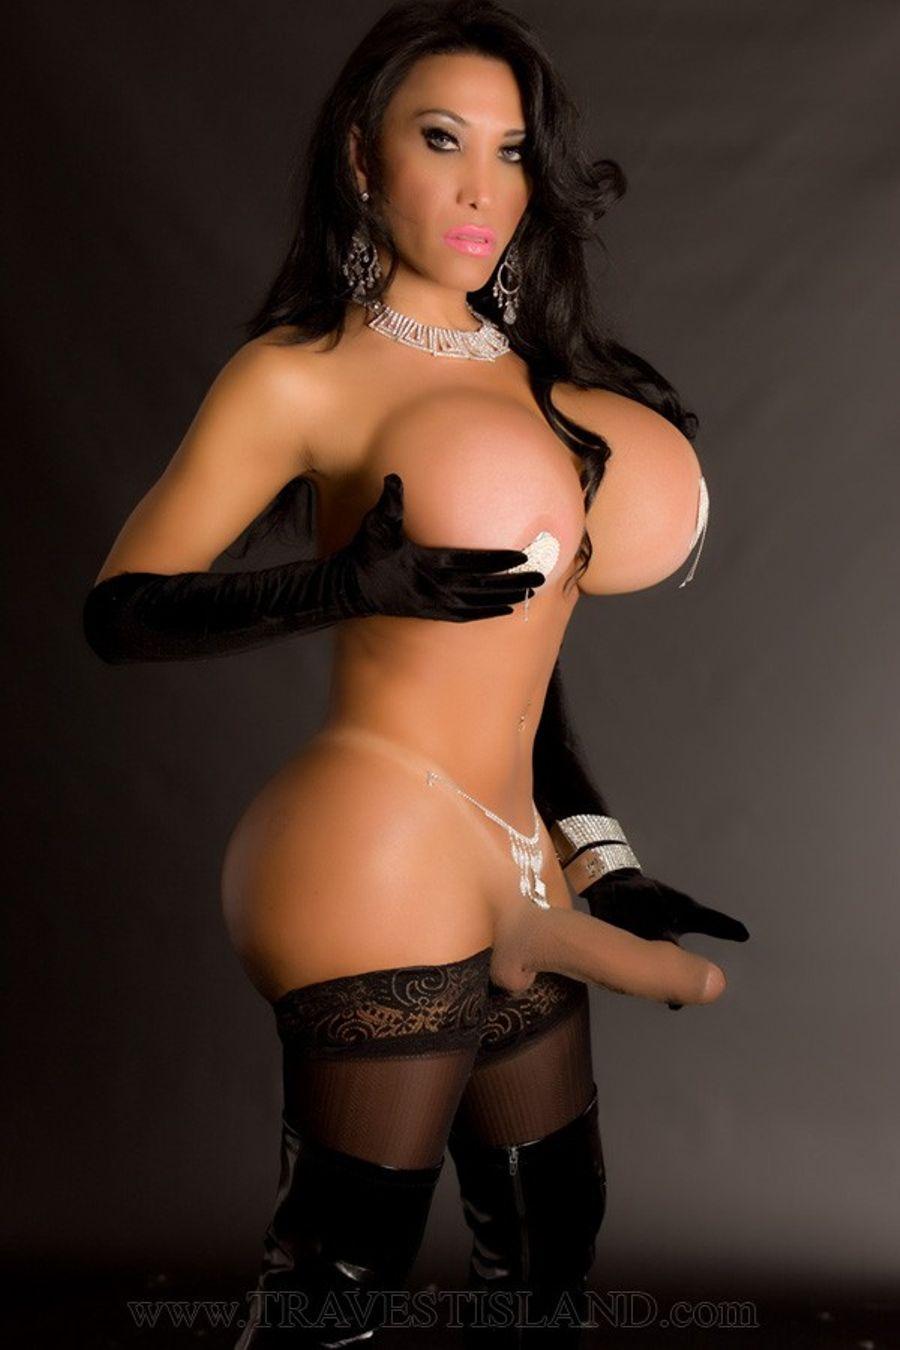 huge tit huge dick shemale - Gau4U1's sex videos & porn photo galleries.